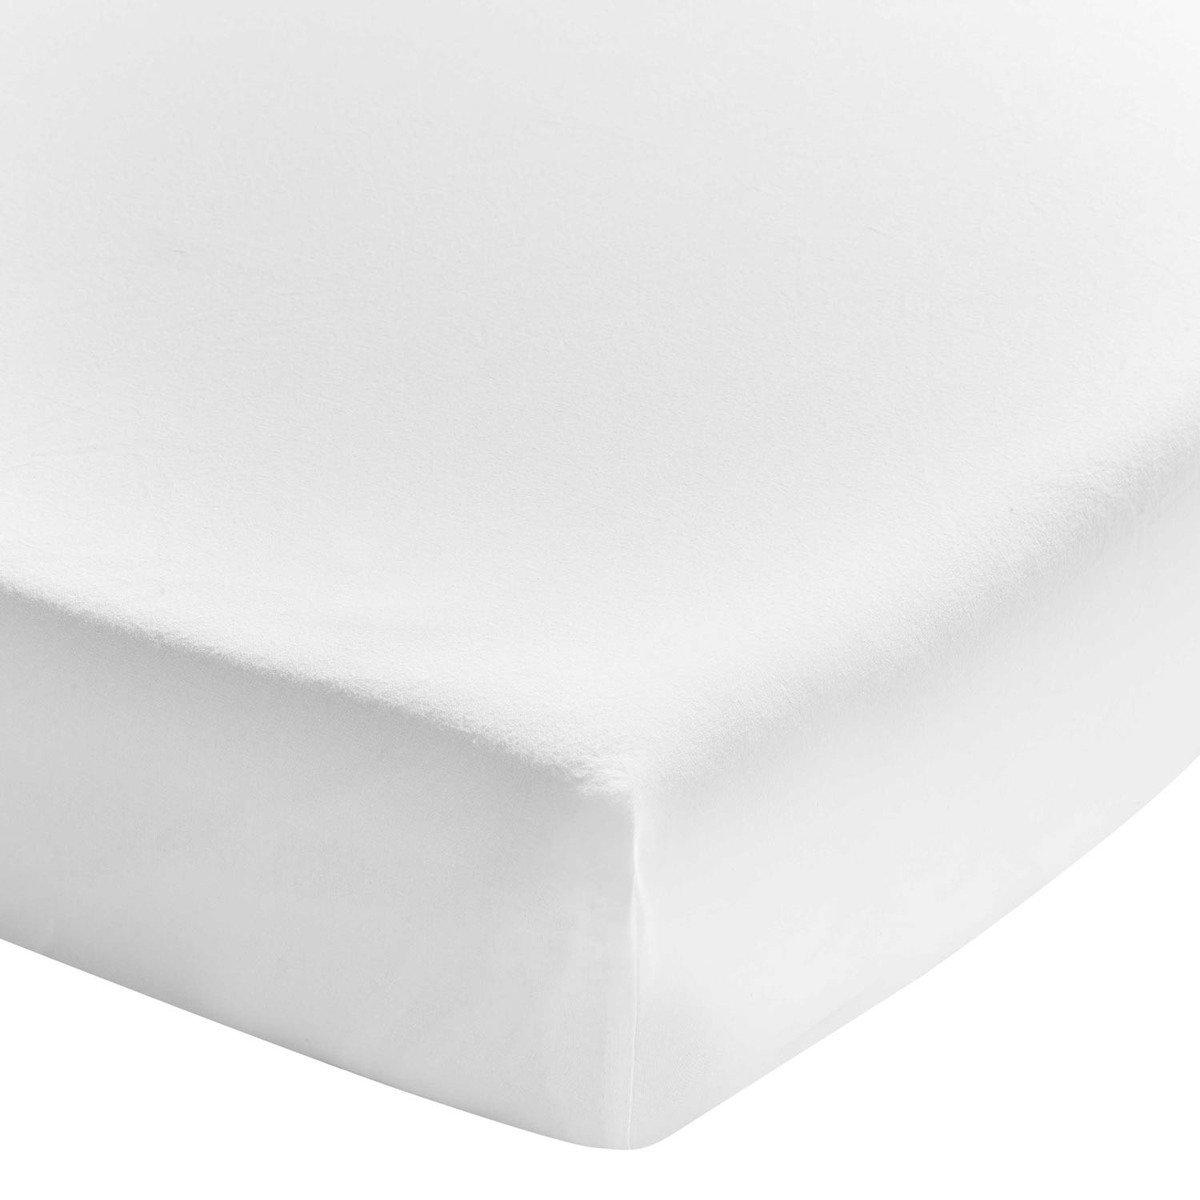 Prześcieradło bawełniane ze ściągaczem Essix Soft Line Blanc